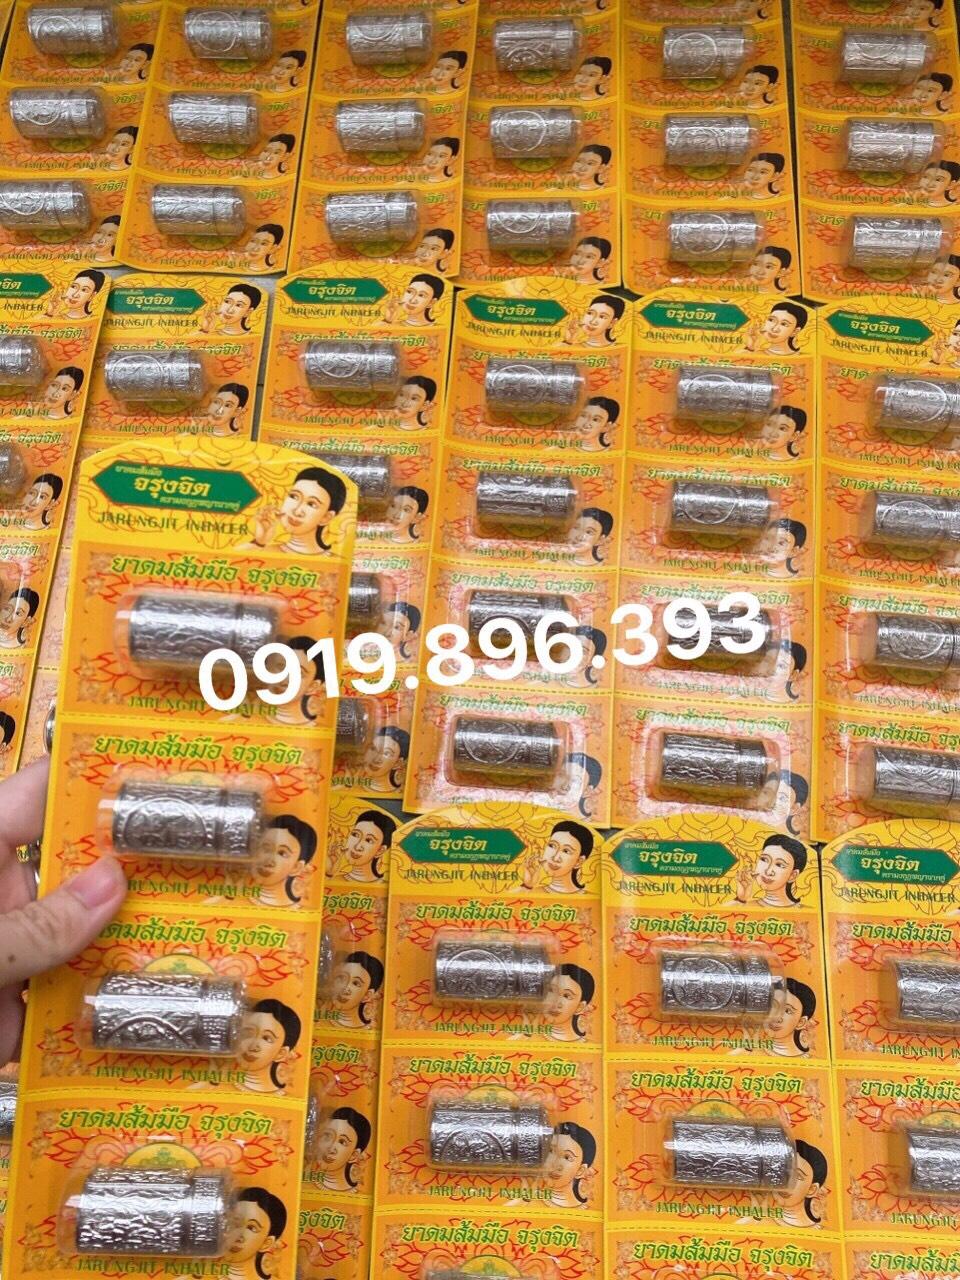 san-pham-khac-ong-hit-viem-xoang-thai-lan-5949